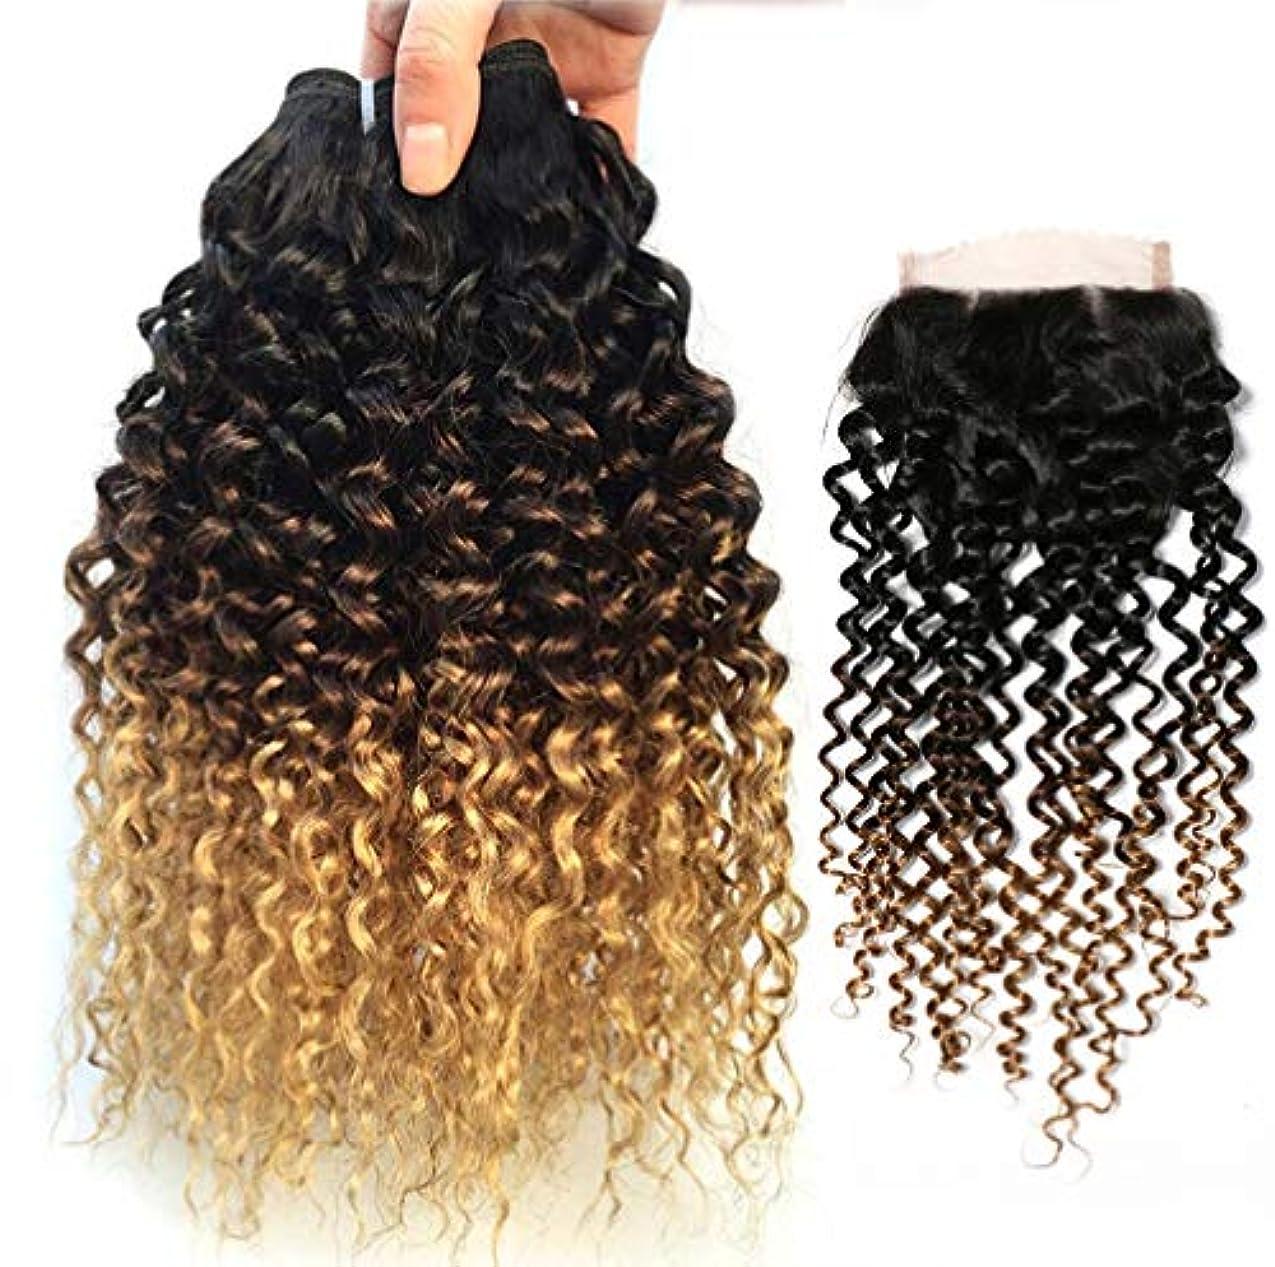 玉ねぎ小道受粉する女性の髪の織り方ブラジルの髪の波の閉鎖オンブル人間の髪の束茶色のバージン髪人間の髪の織り(3バンドル)